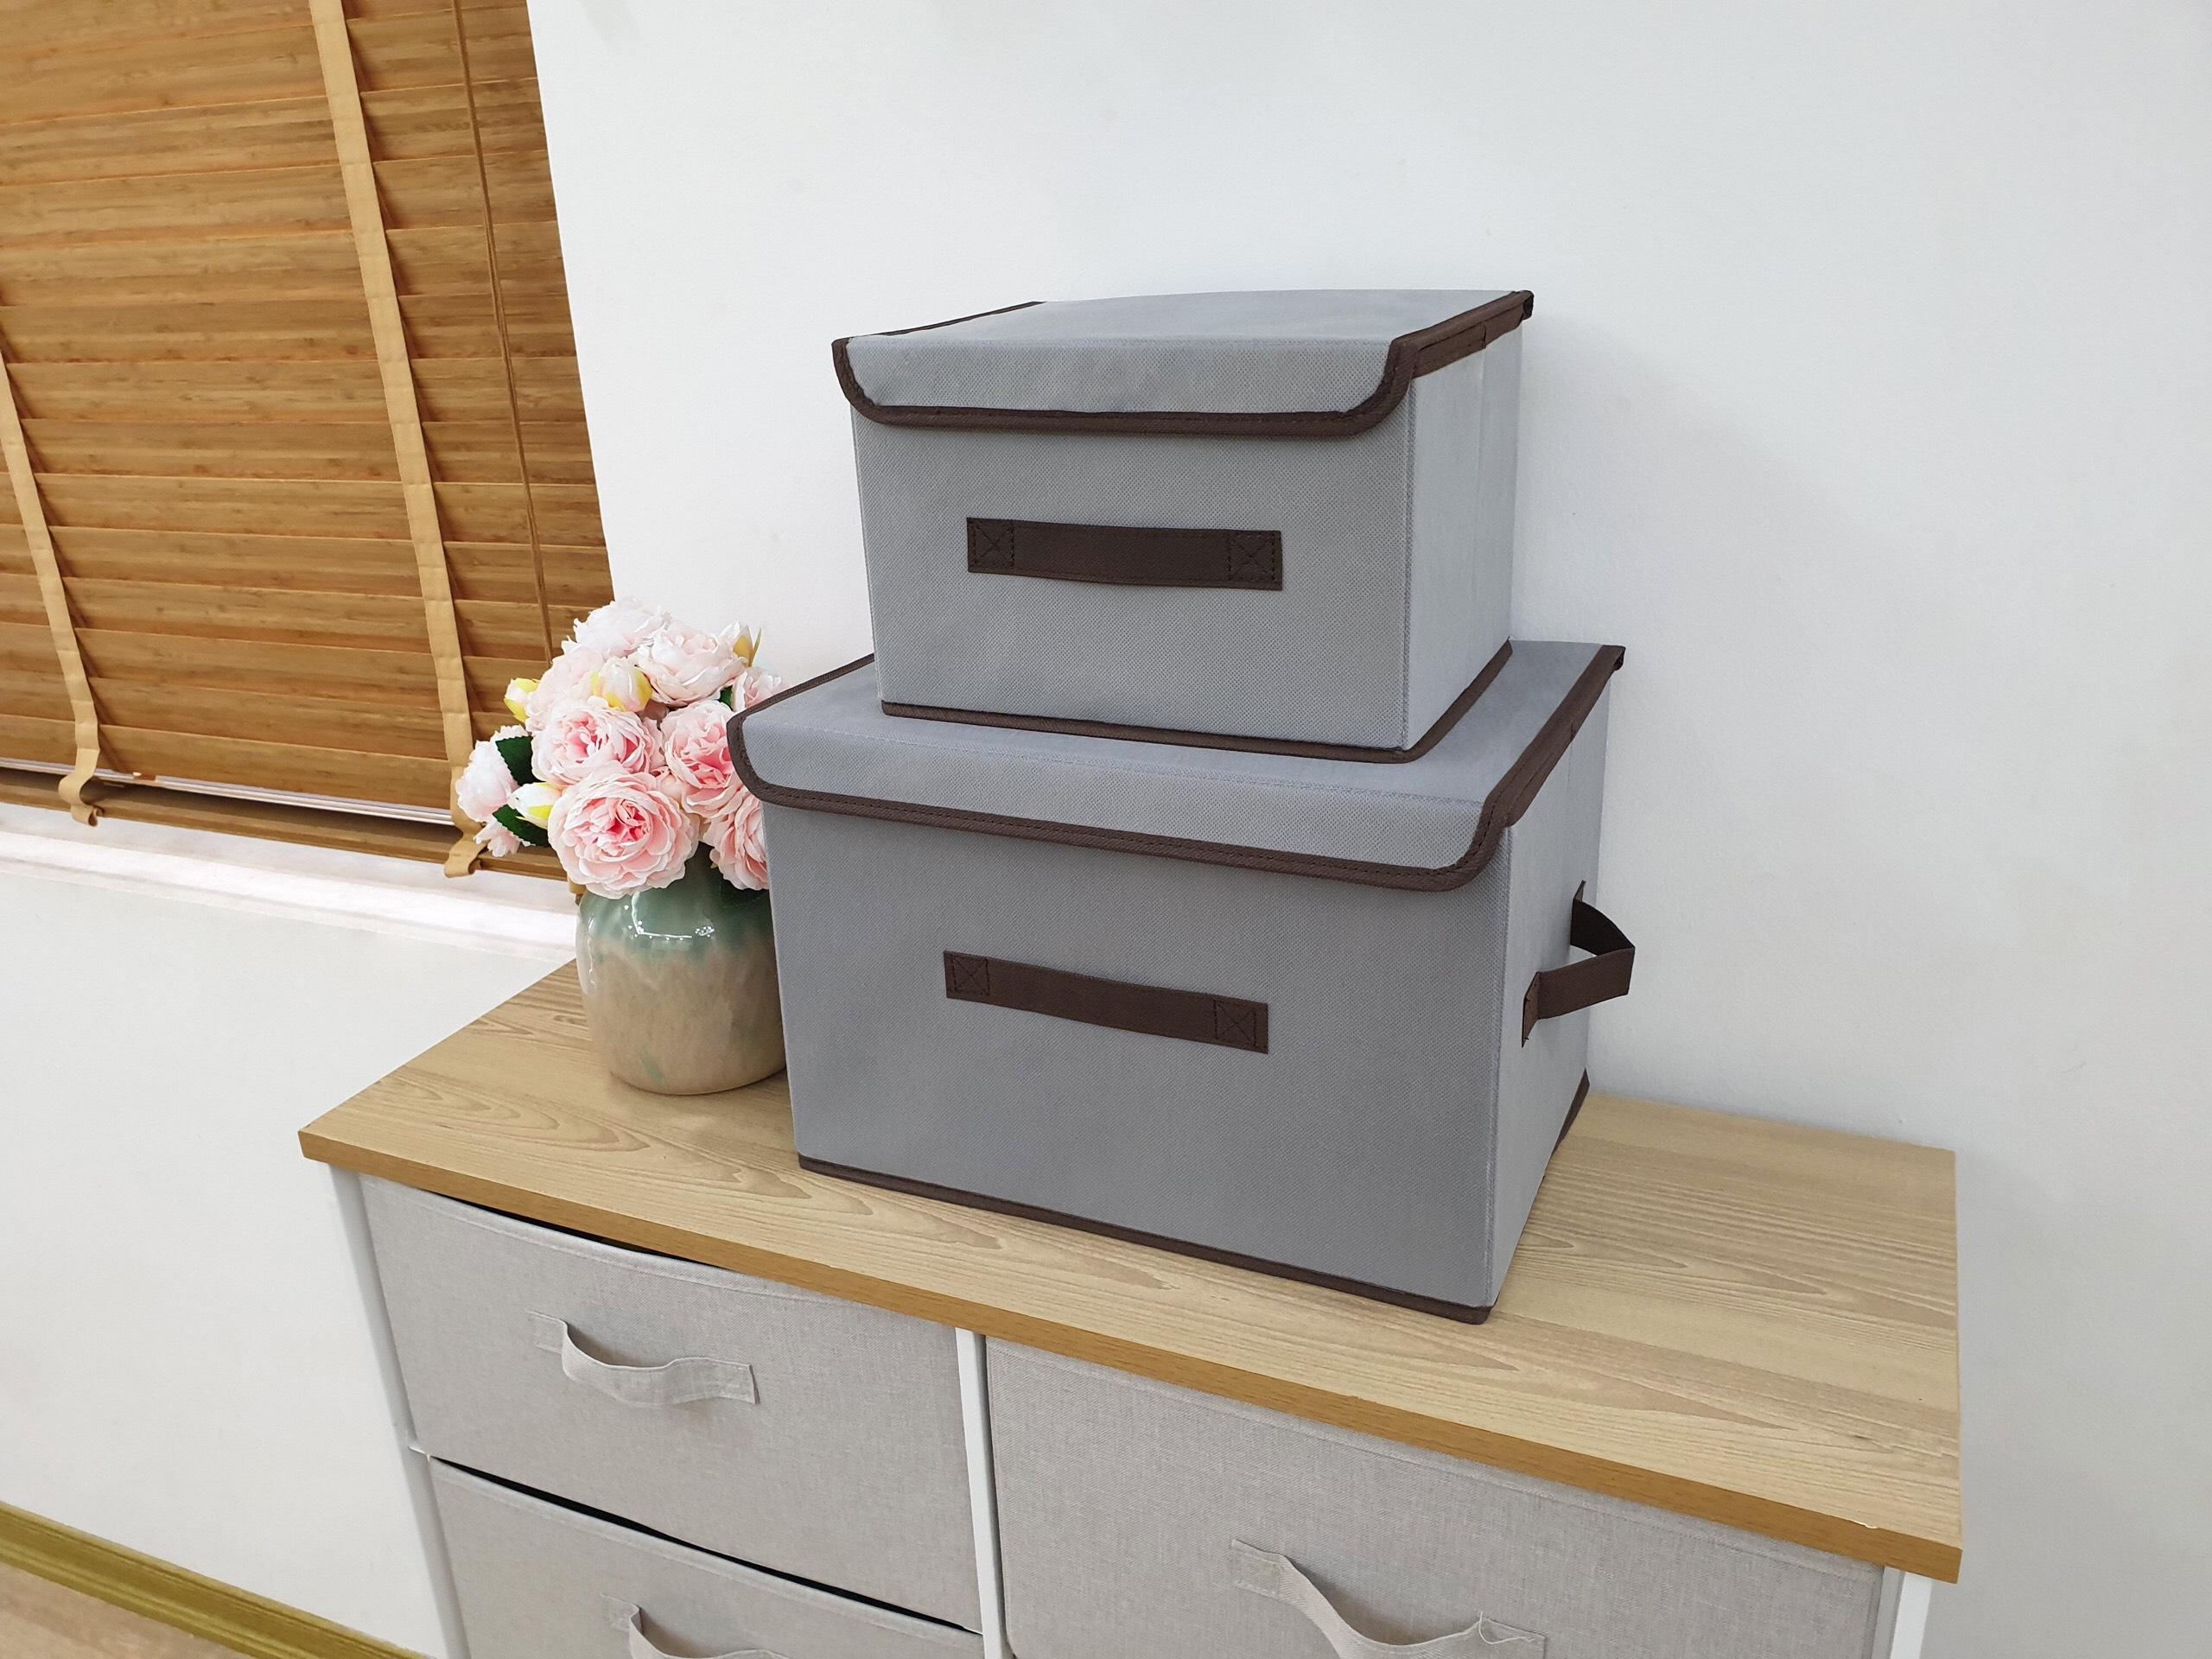 Bộ 5 giỏ đựng quần áo, tất, phụ kiện tiện gọn dễ tìm hàng Việt Nam cao cấp (Storage Box)